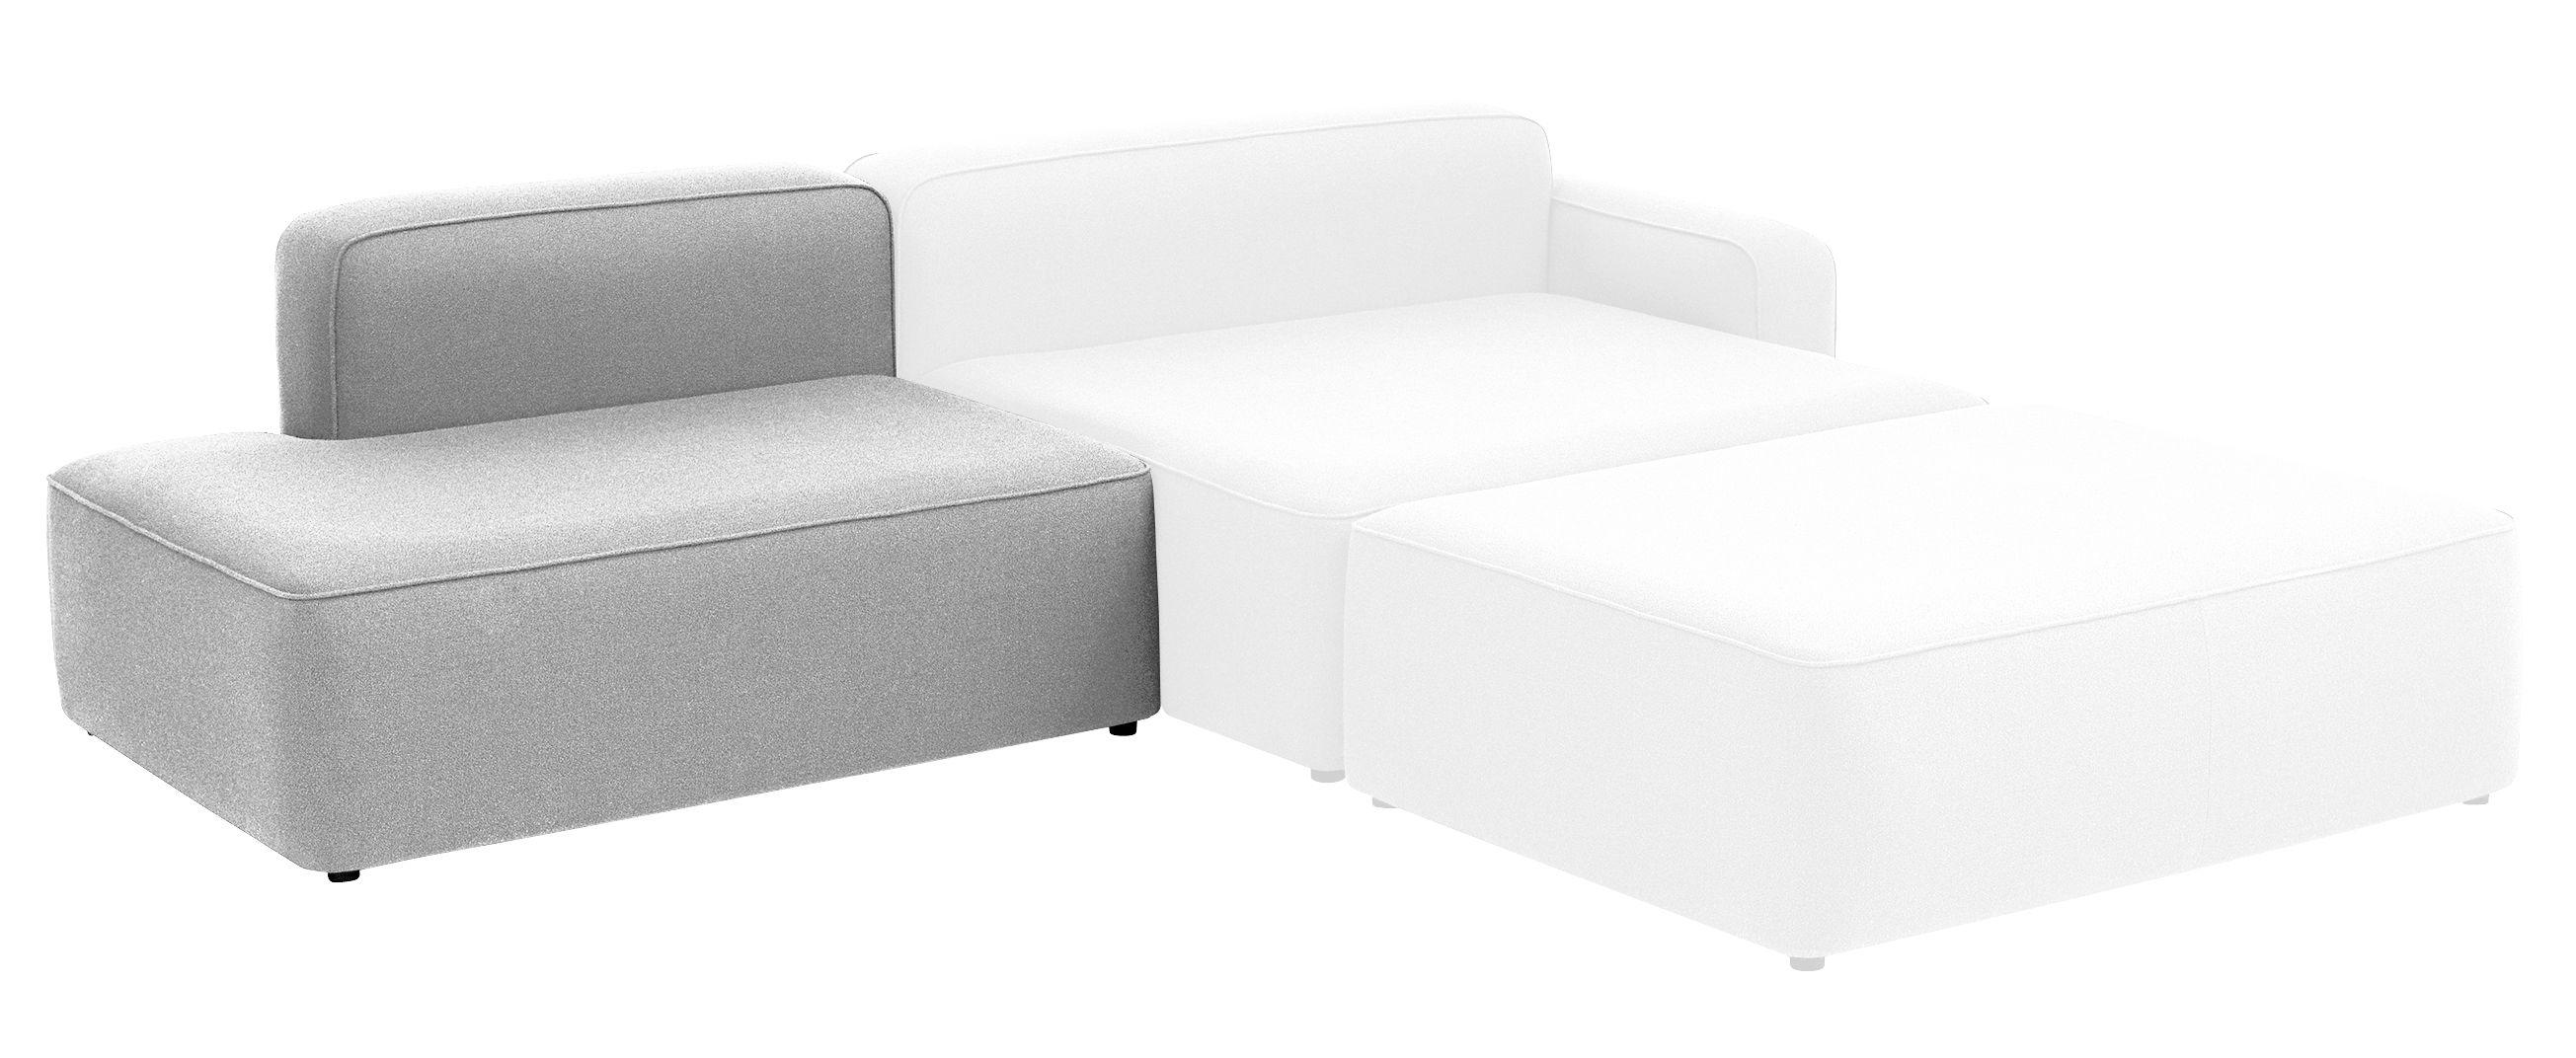 canap modulable rope module gauche sans accoudoir l 120 cm gris clair normann copenhagen. Black Bedroom Furniture Sets. Home Design Ideas